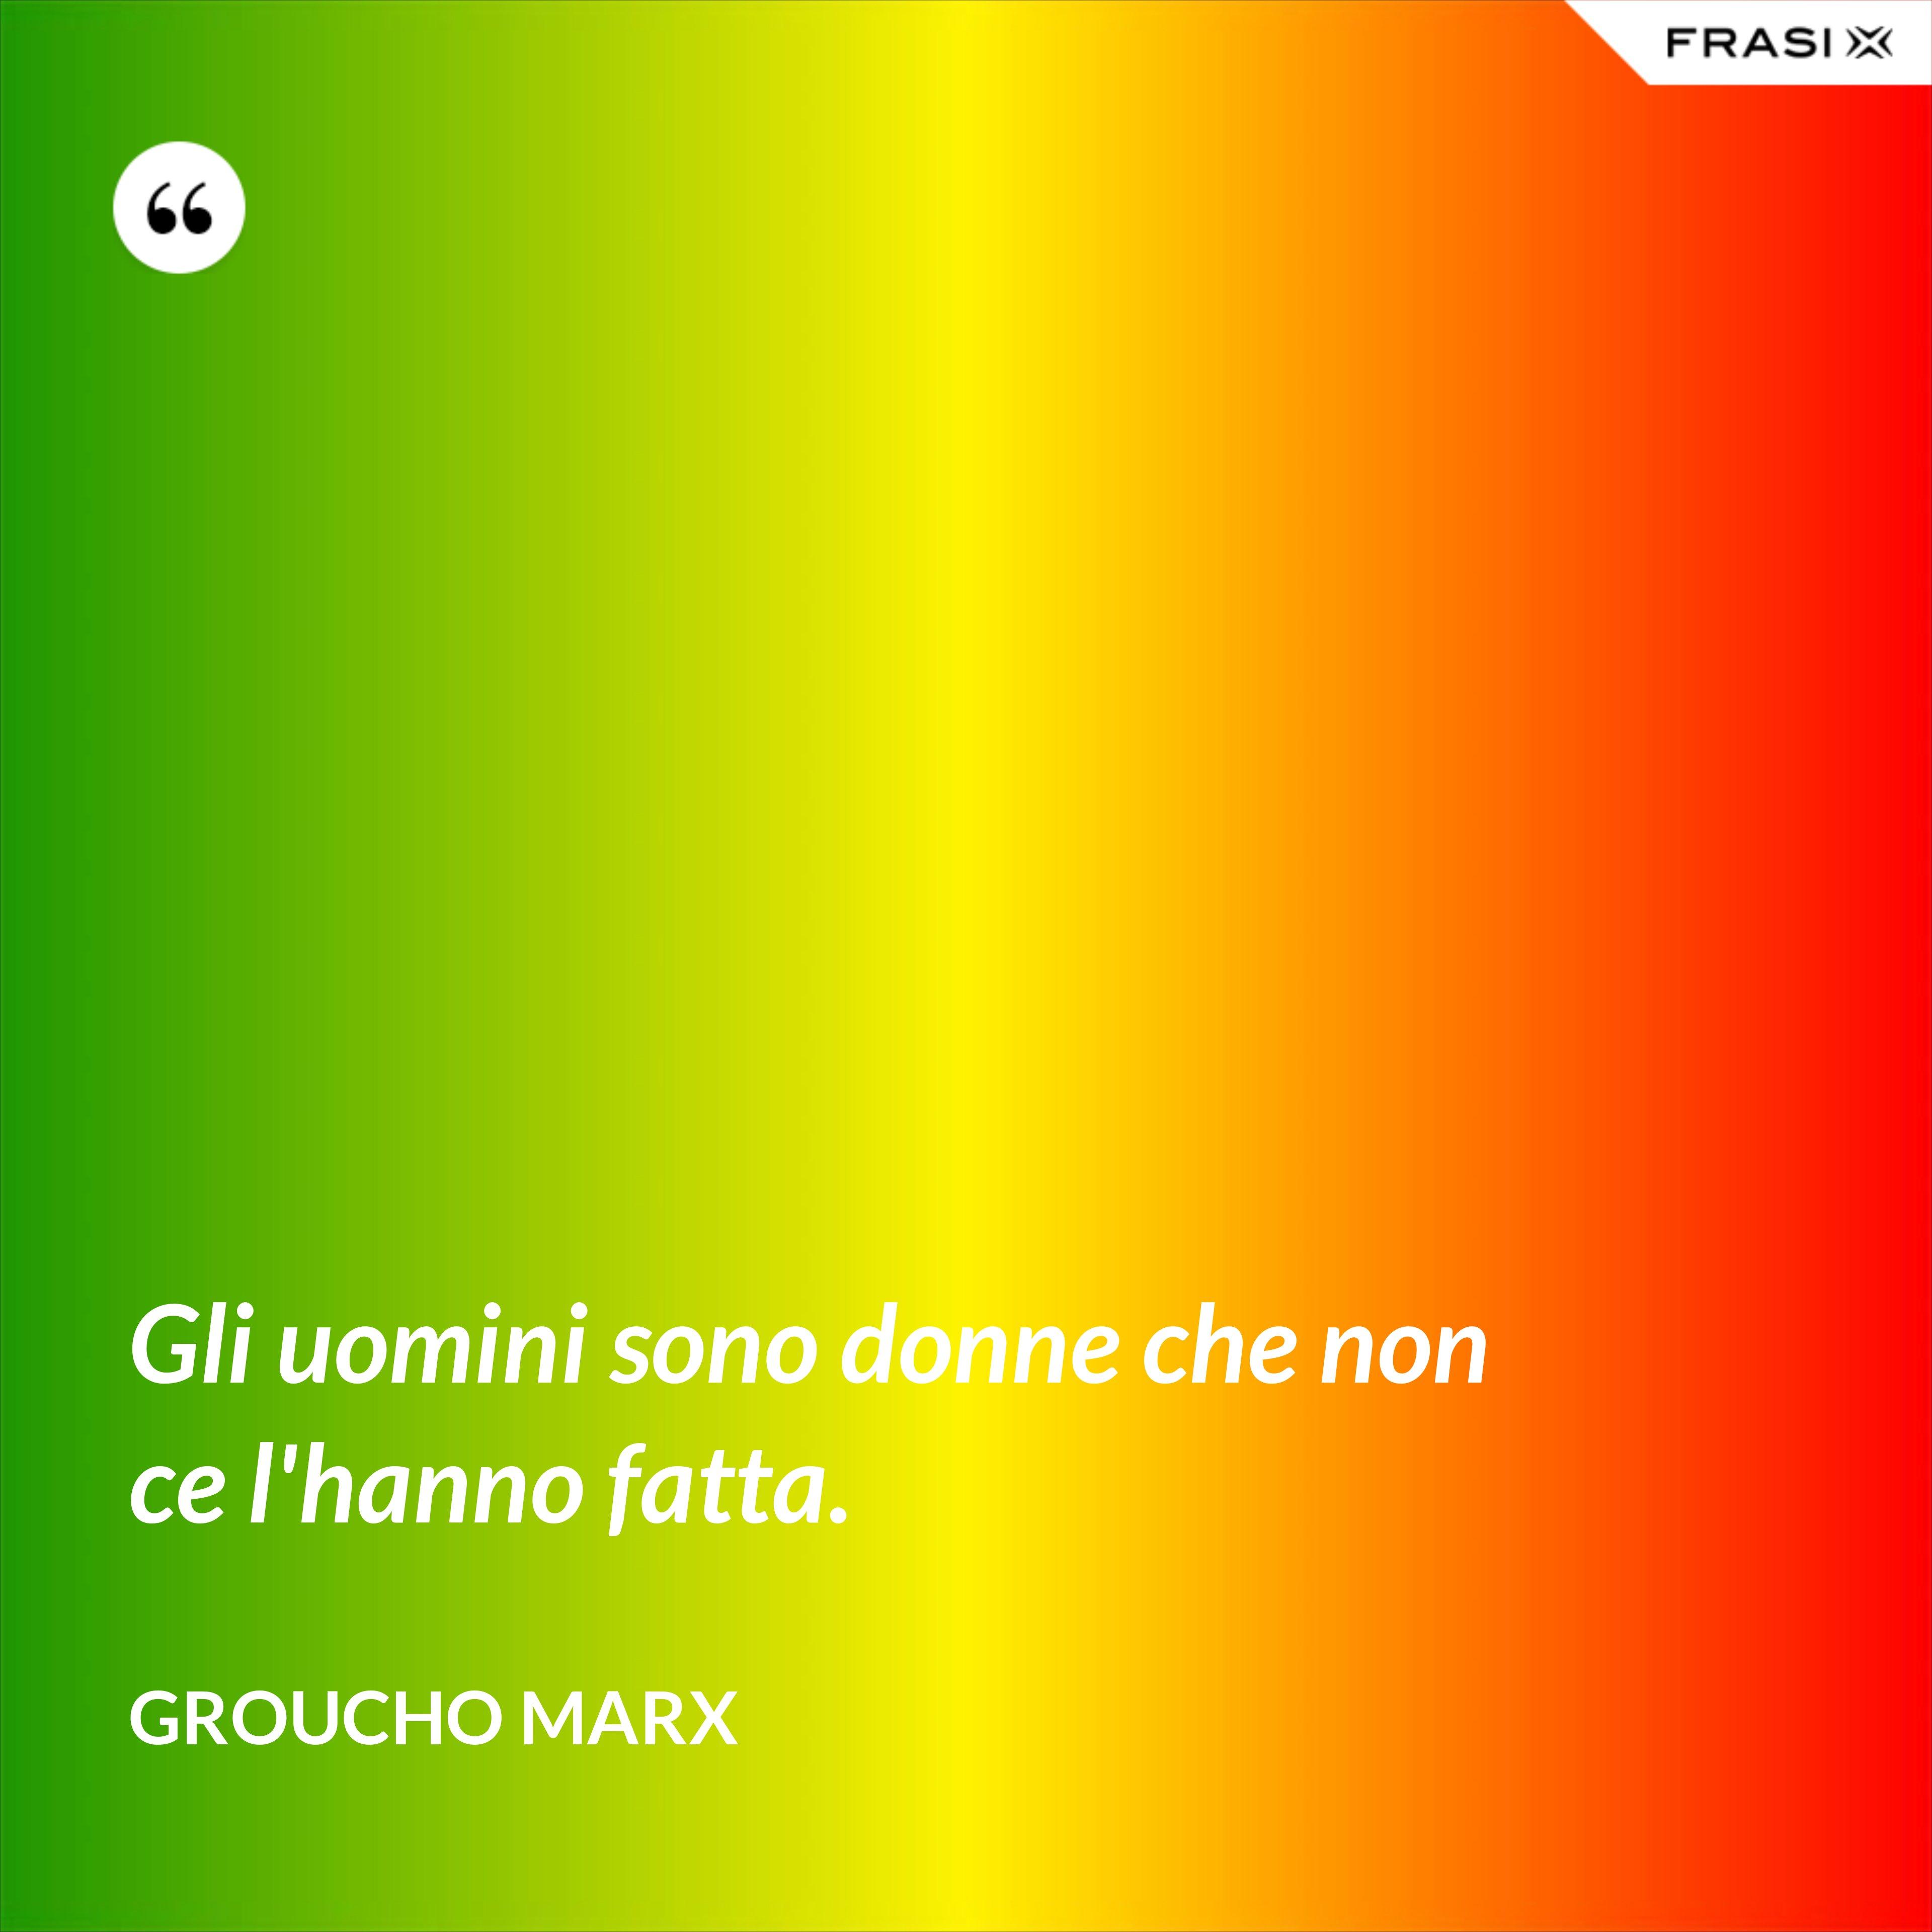 Gli uomini sono donne che non ce l'hanno fatta. - Groucho Marx